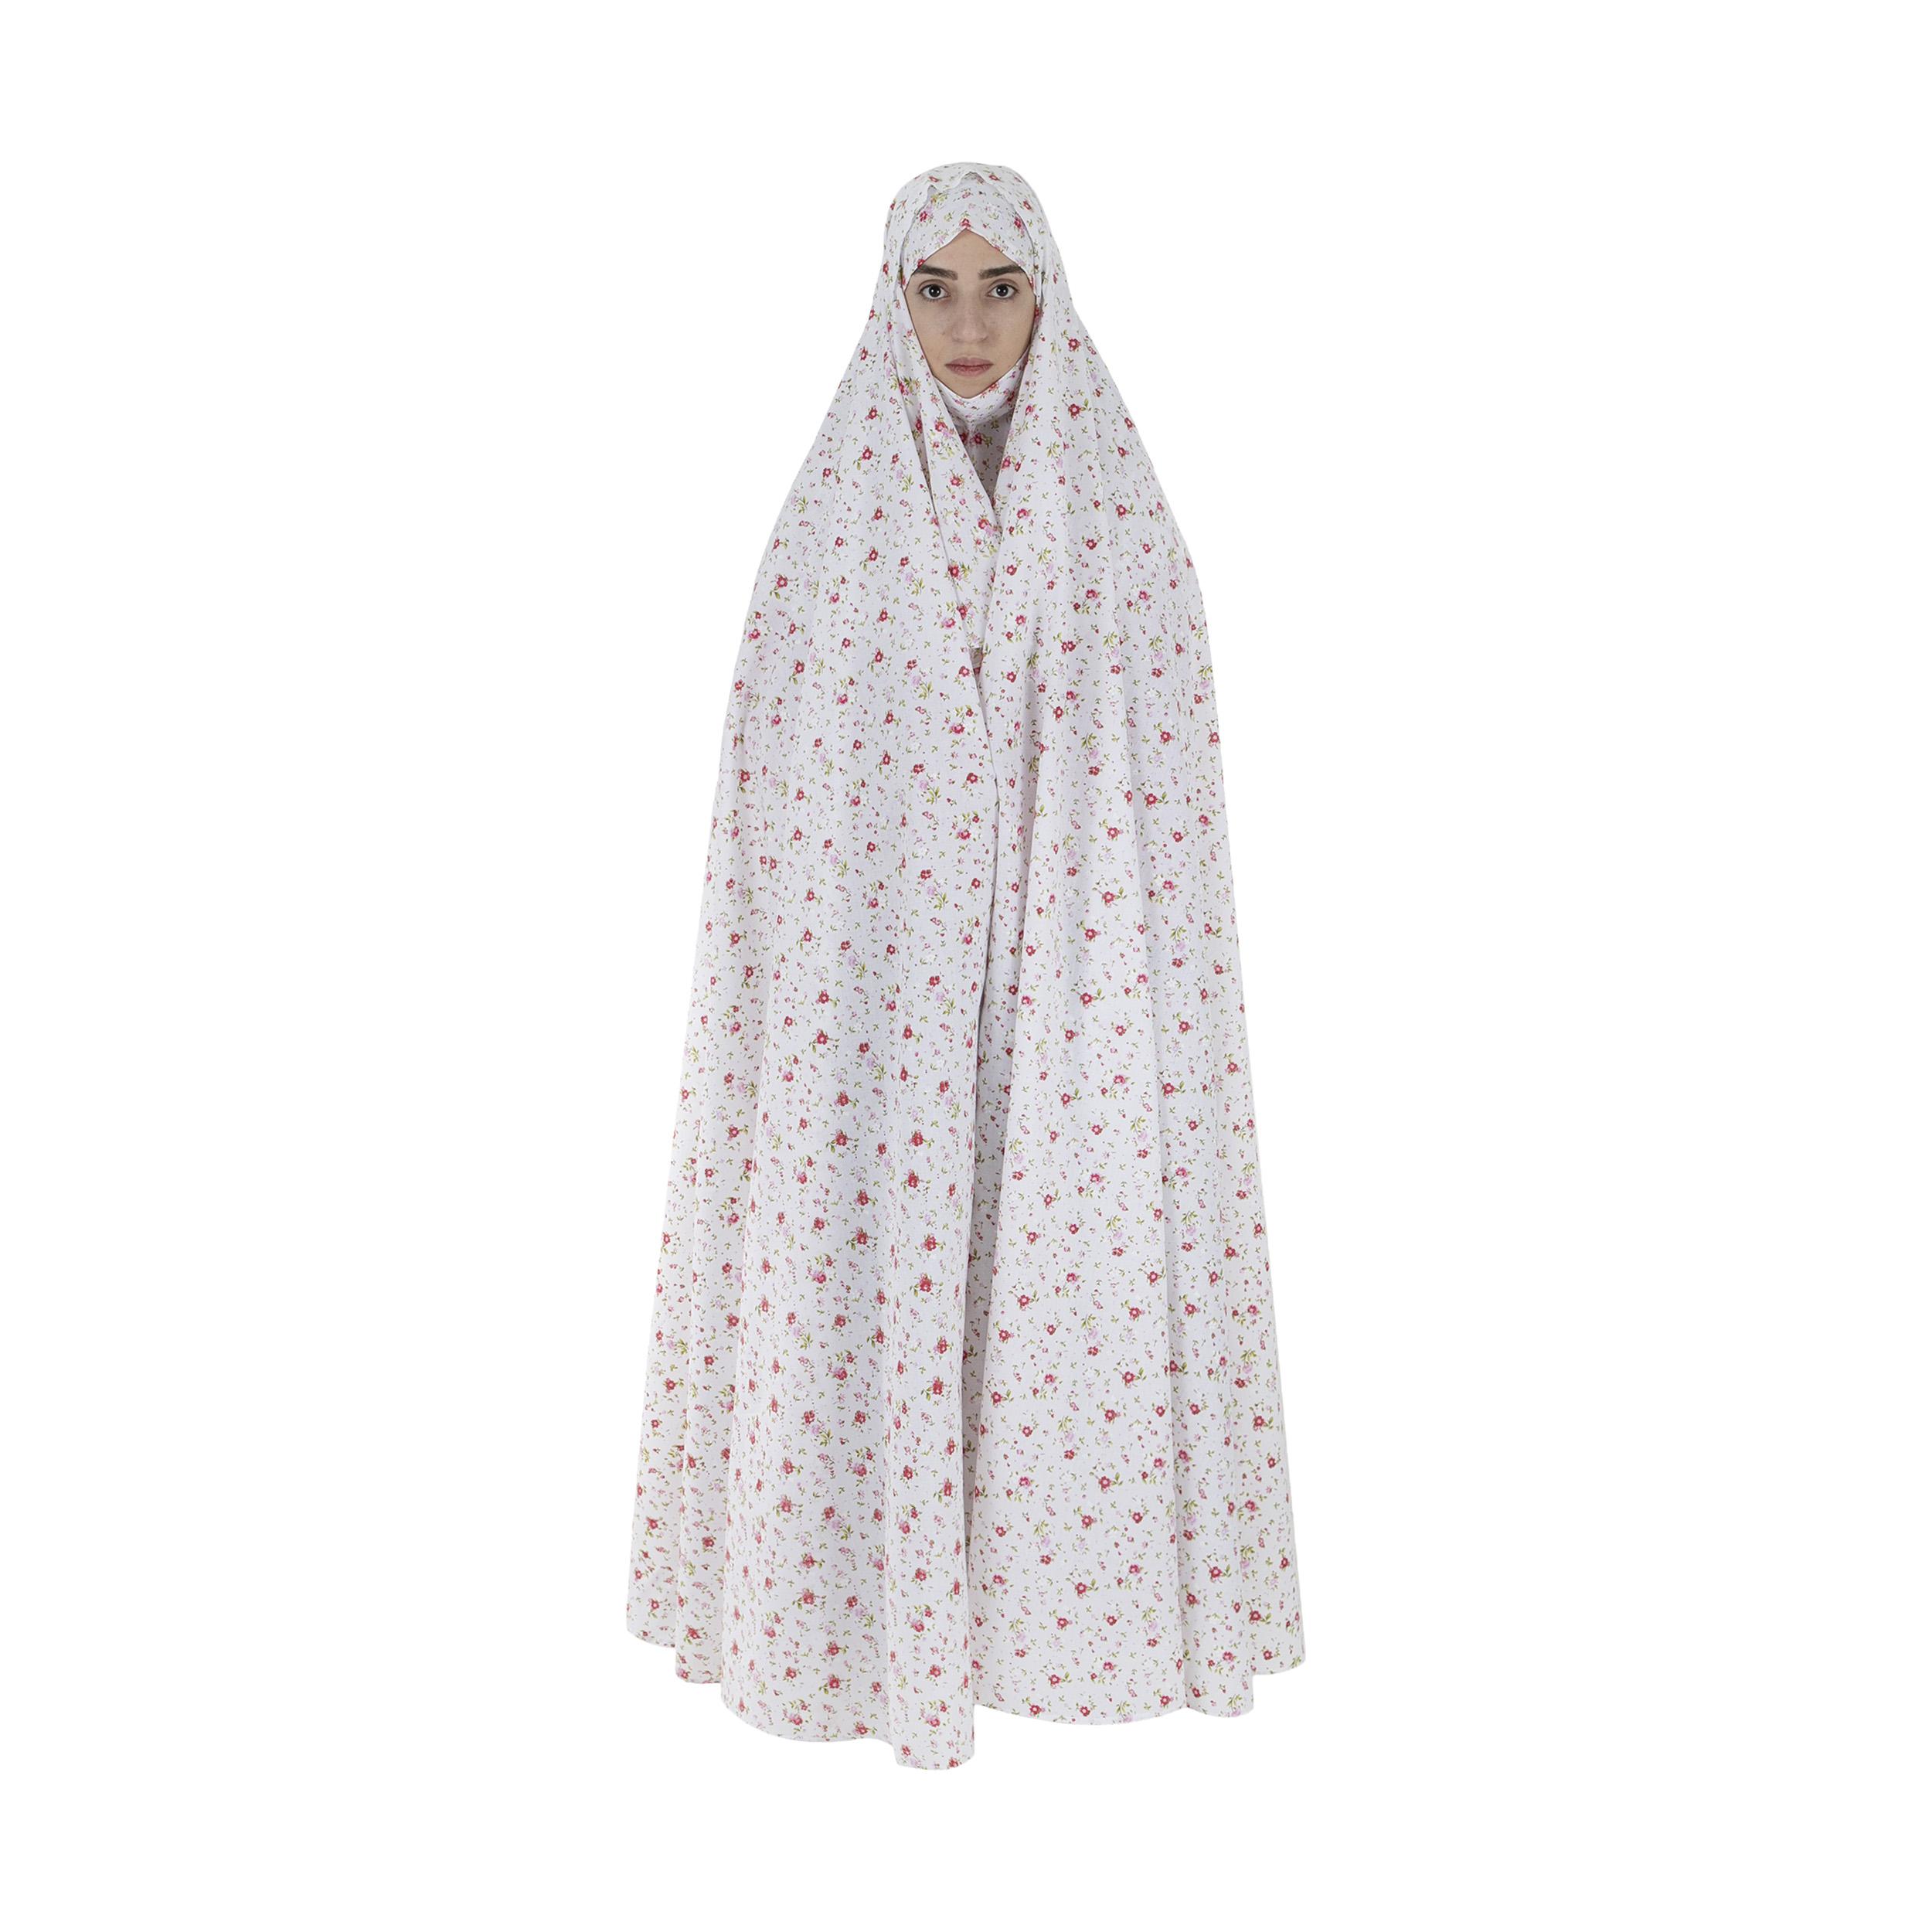 چادر نماز کد 138 به همراه مقنعه